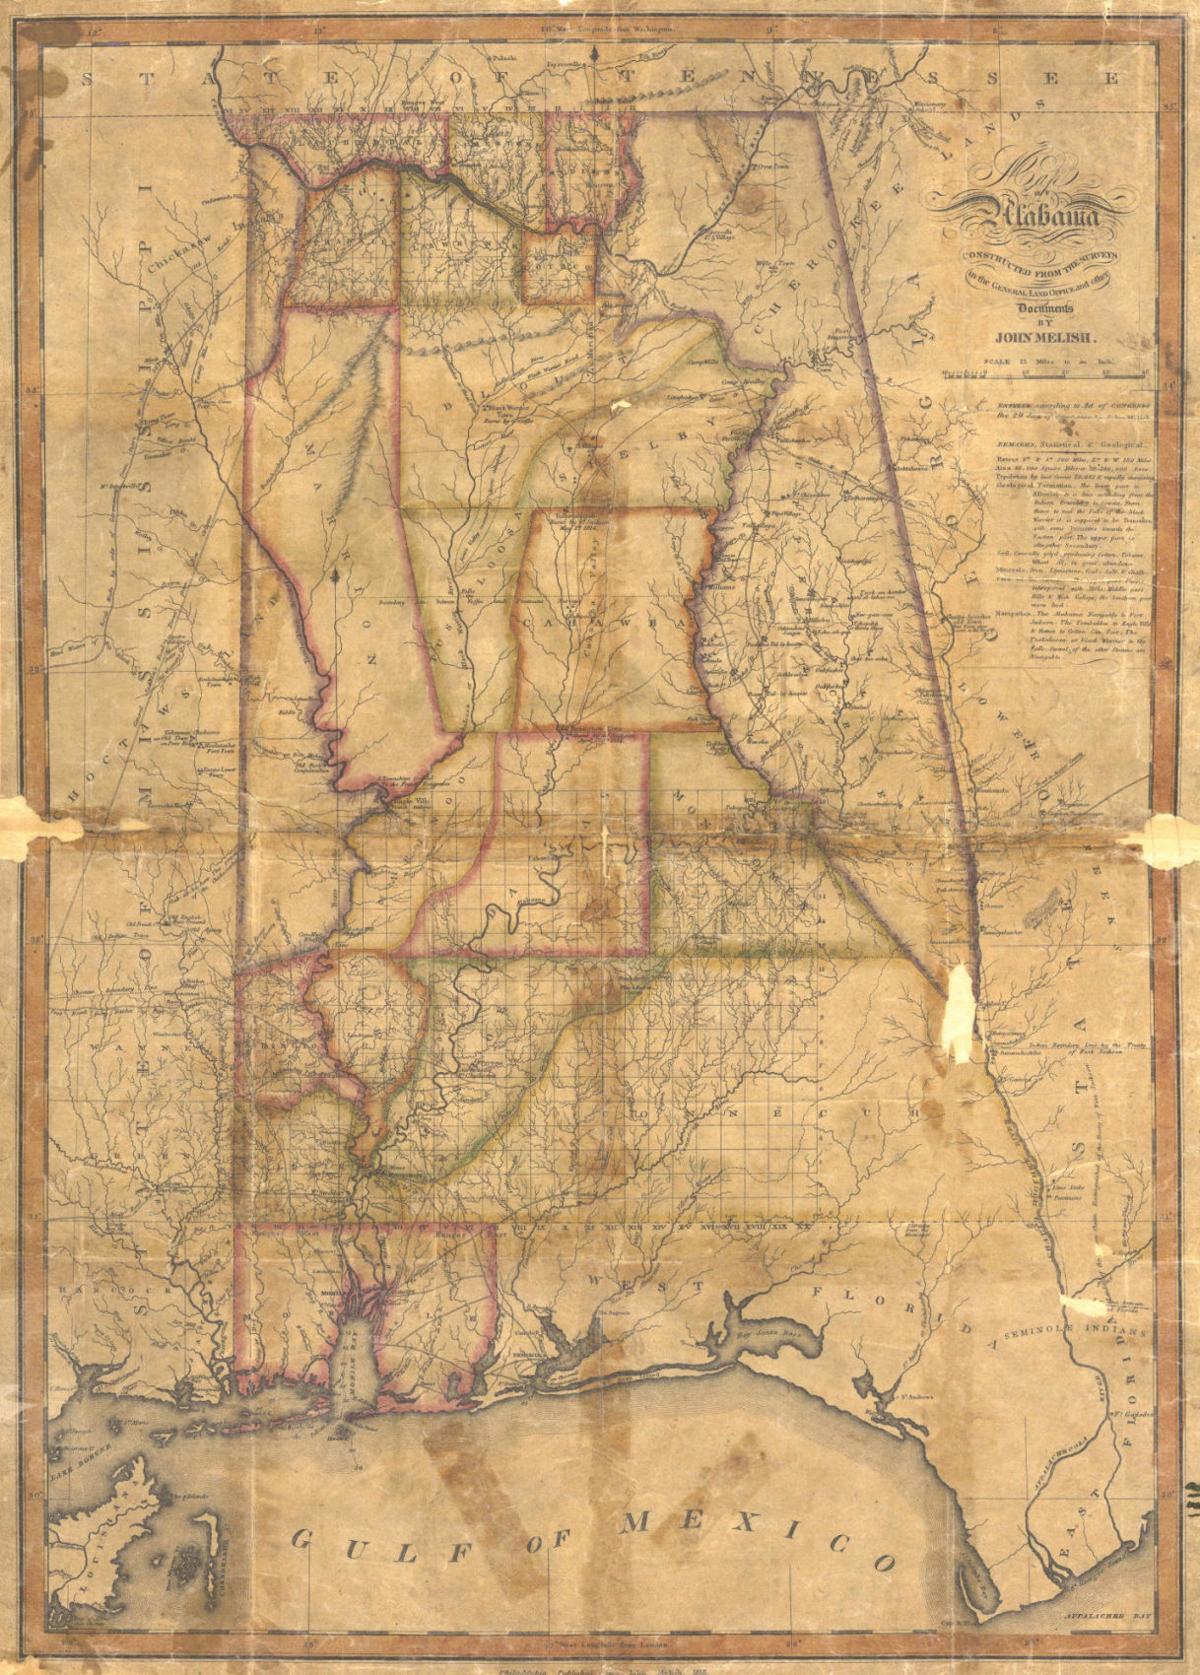 1818 map